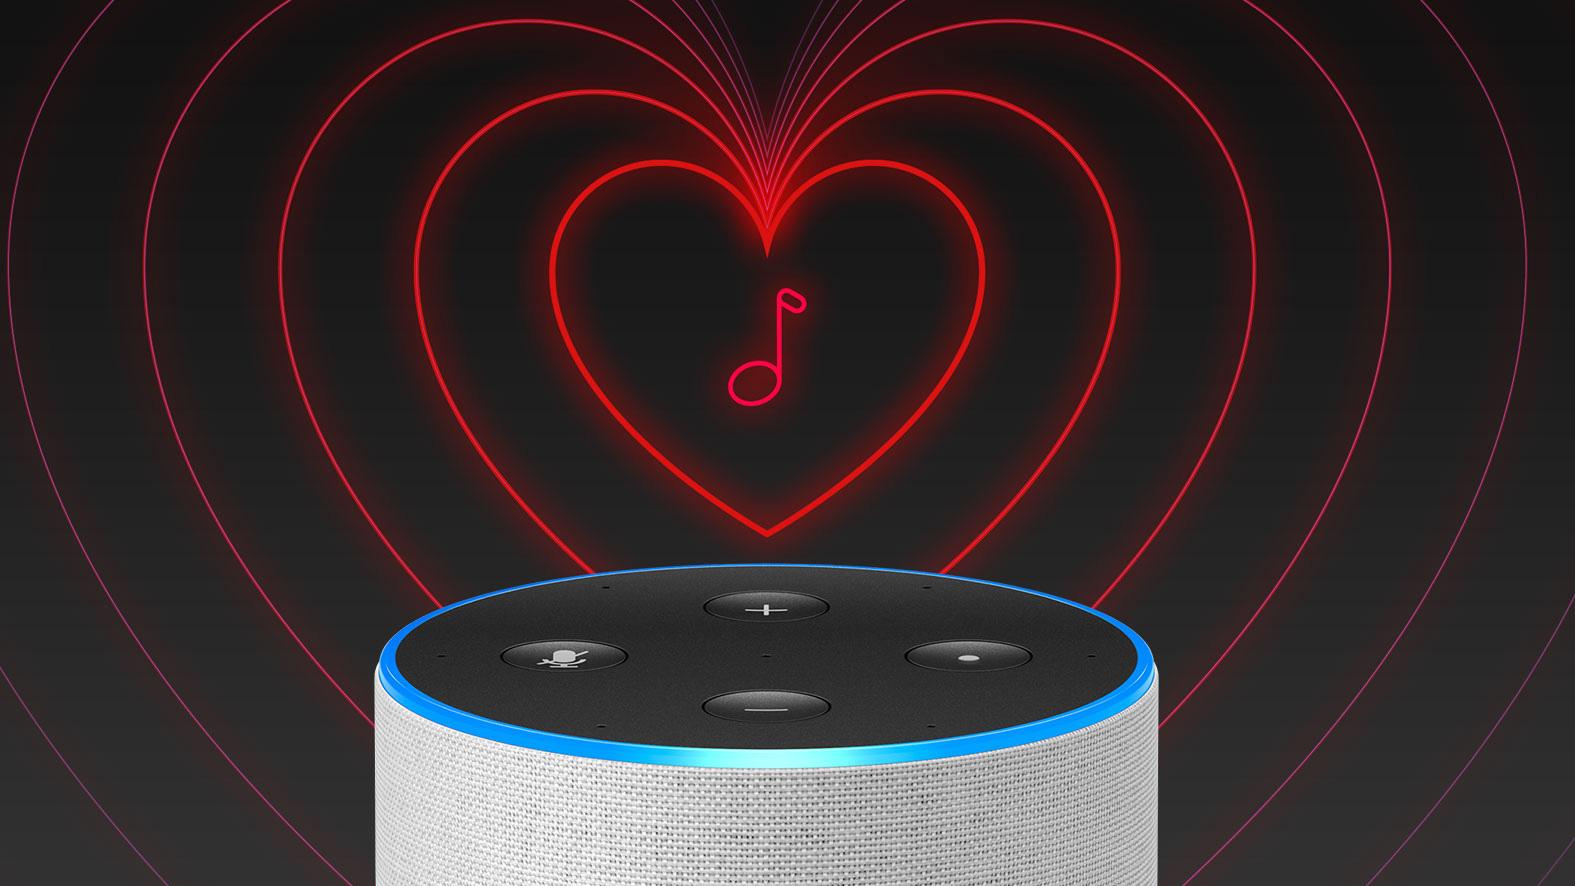 Amazon Alexa: Sprachassistentin wird mit neuen Sprachbefehle für Amazon Music ausgestattet